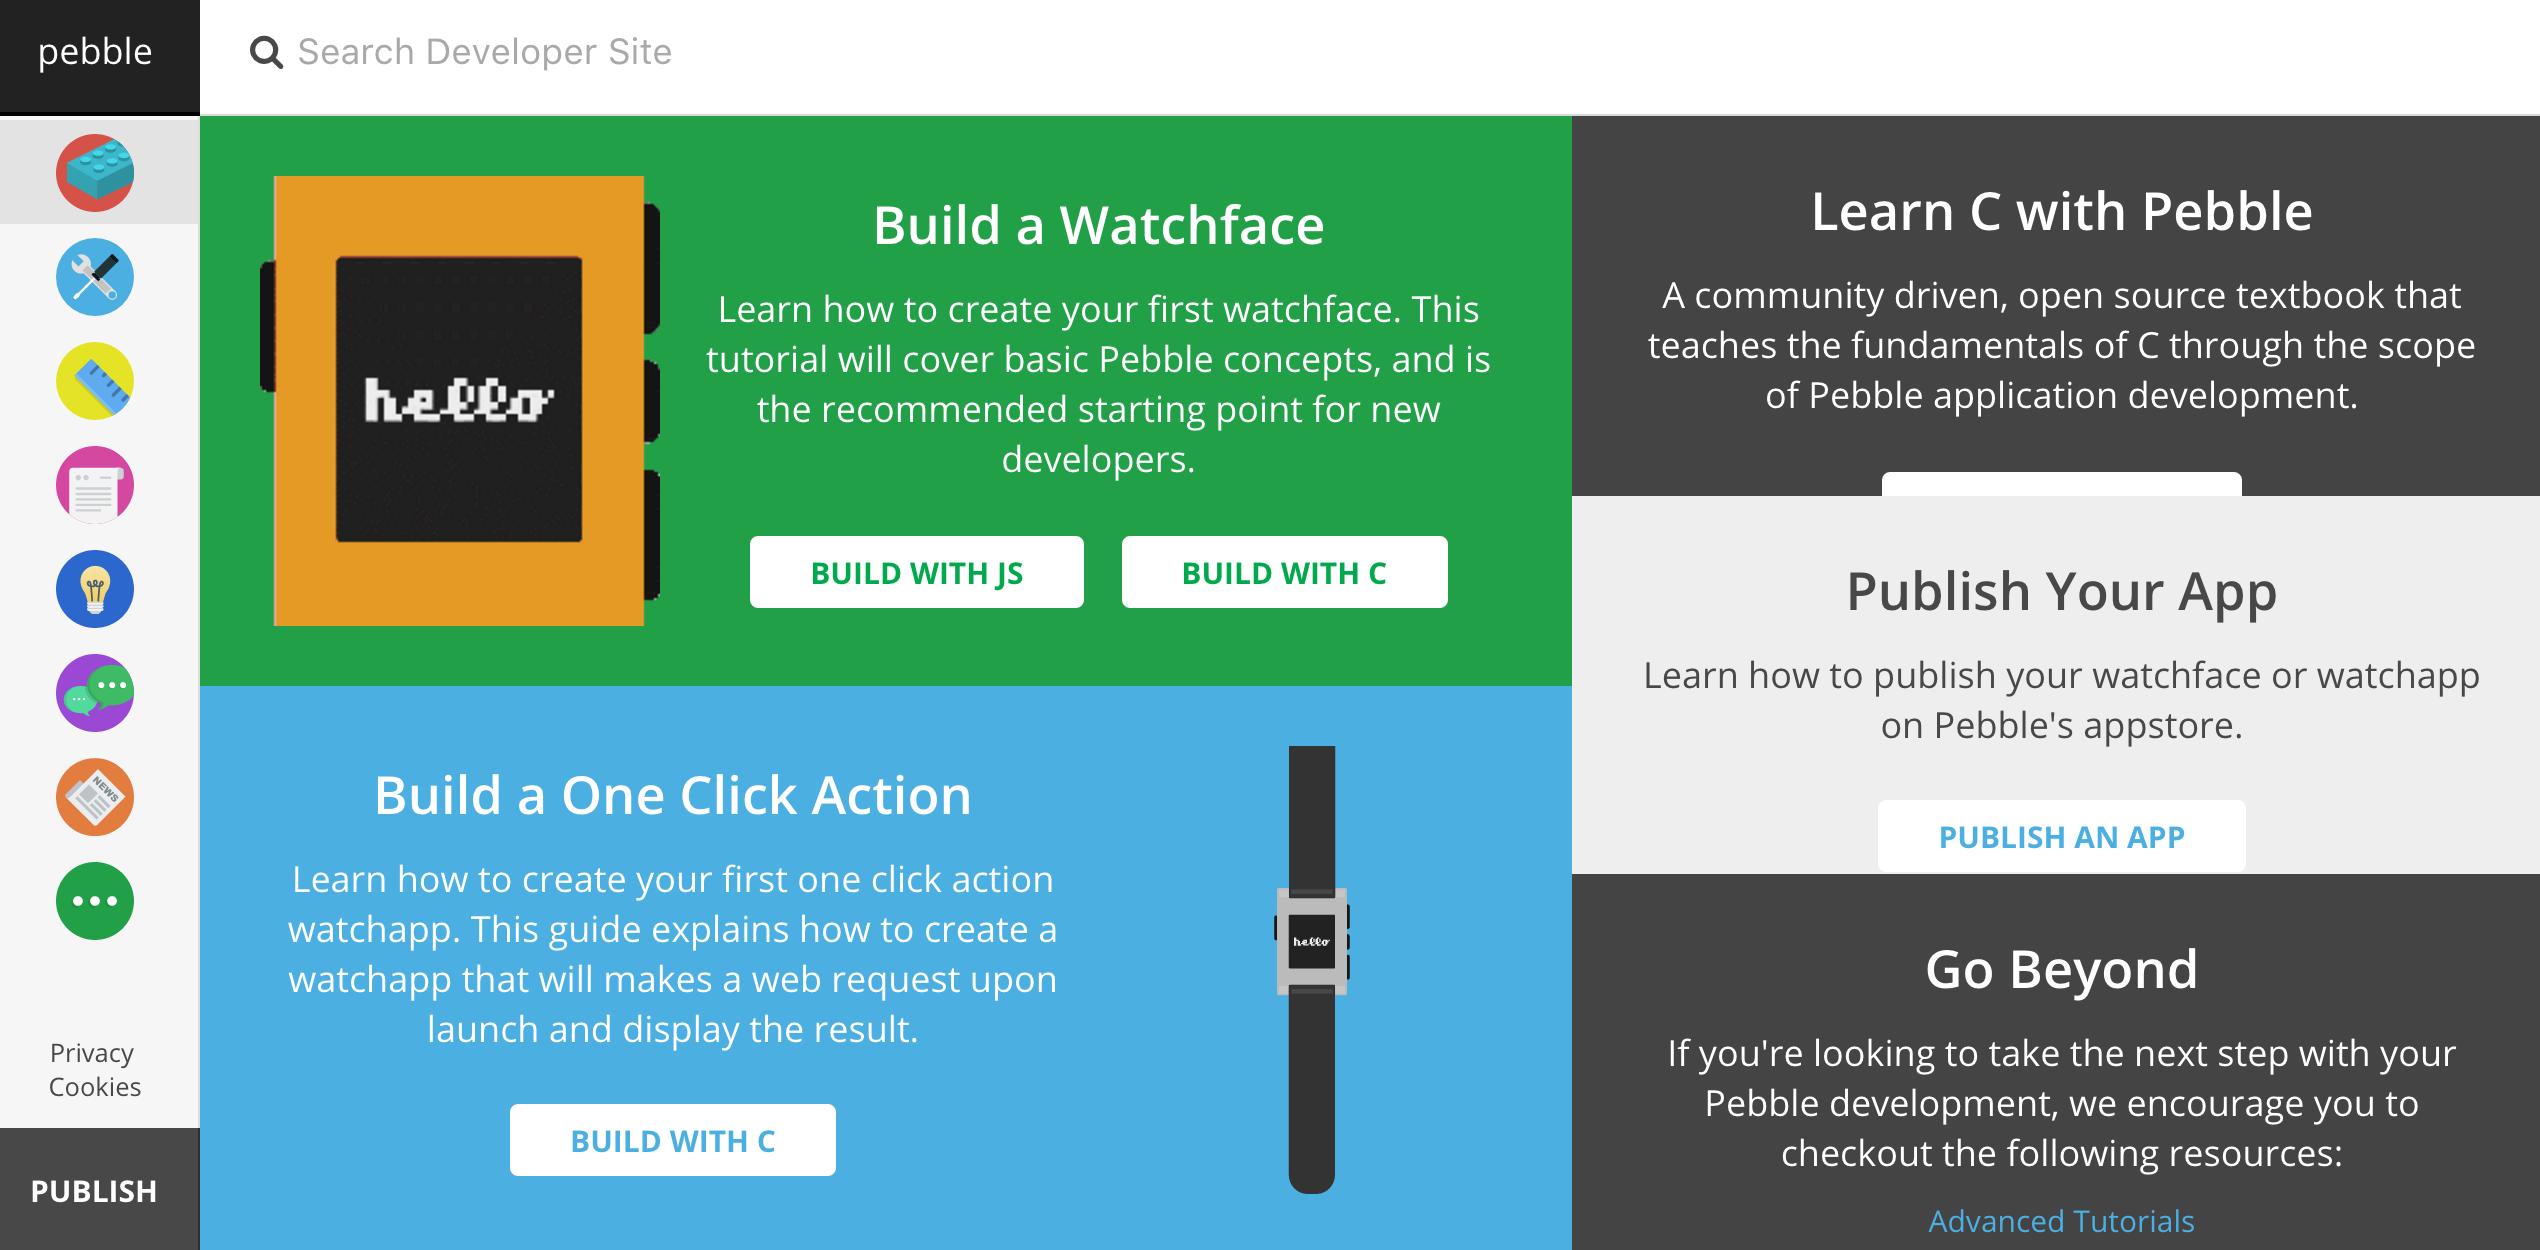 Pebble developer site